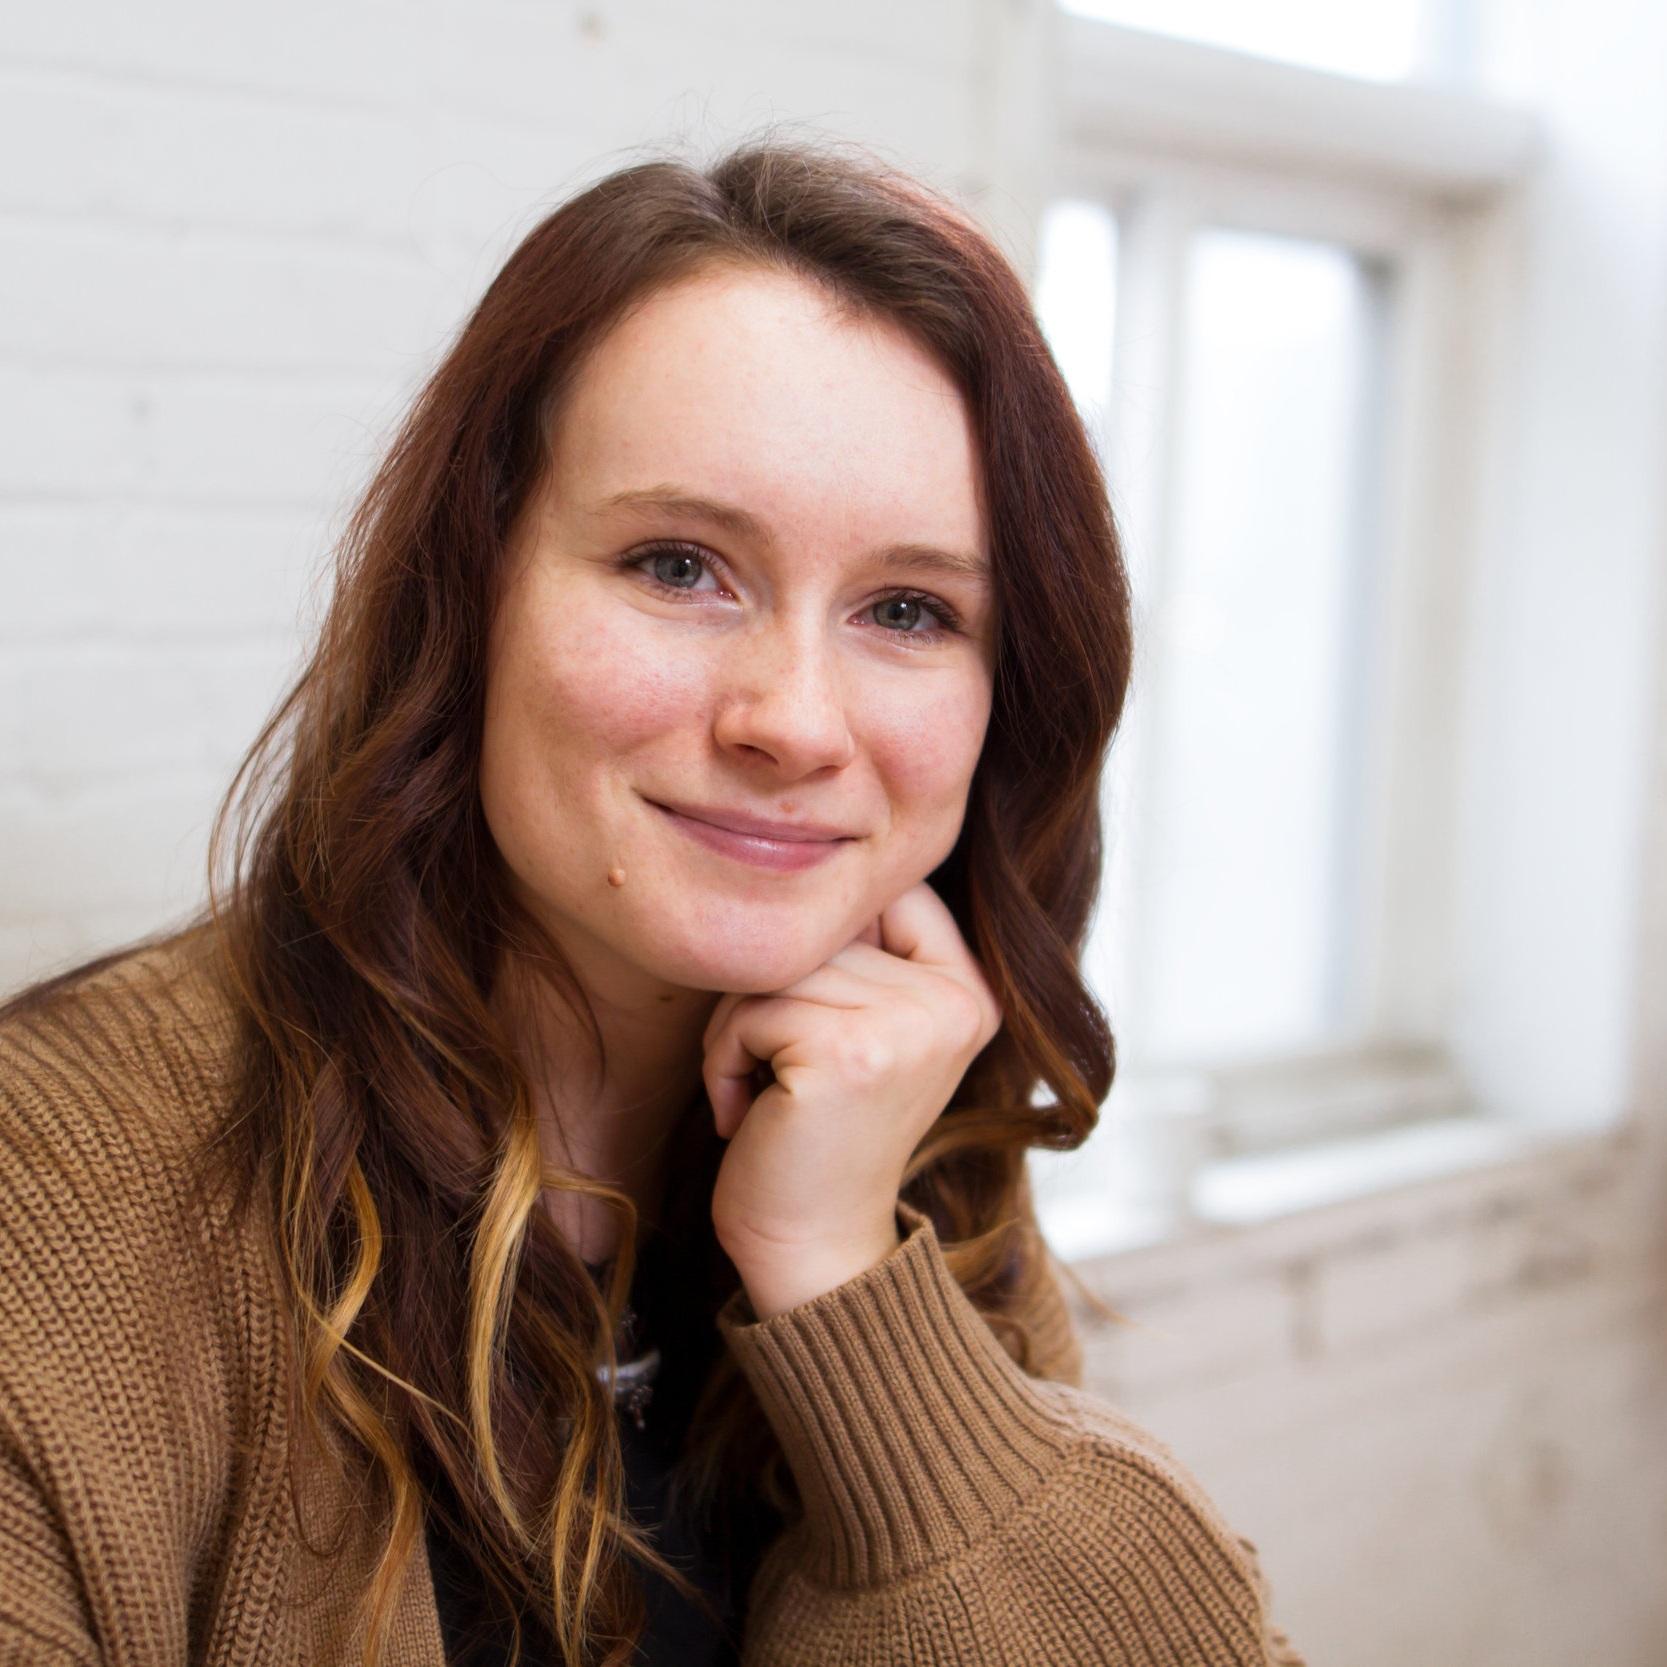 Brittany Veenhuysen Testimonial